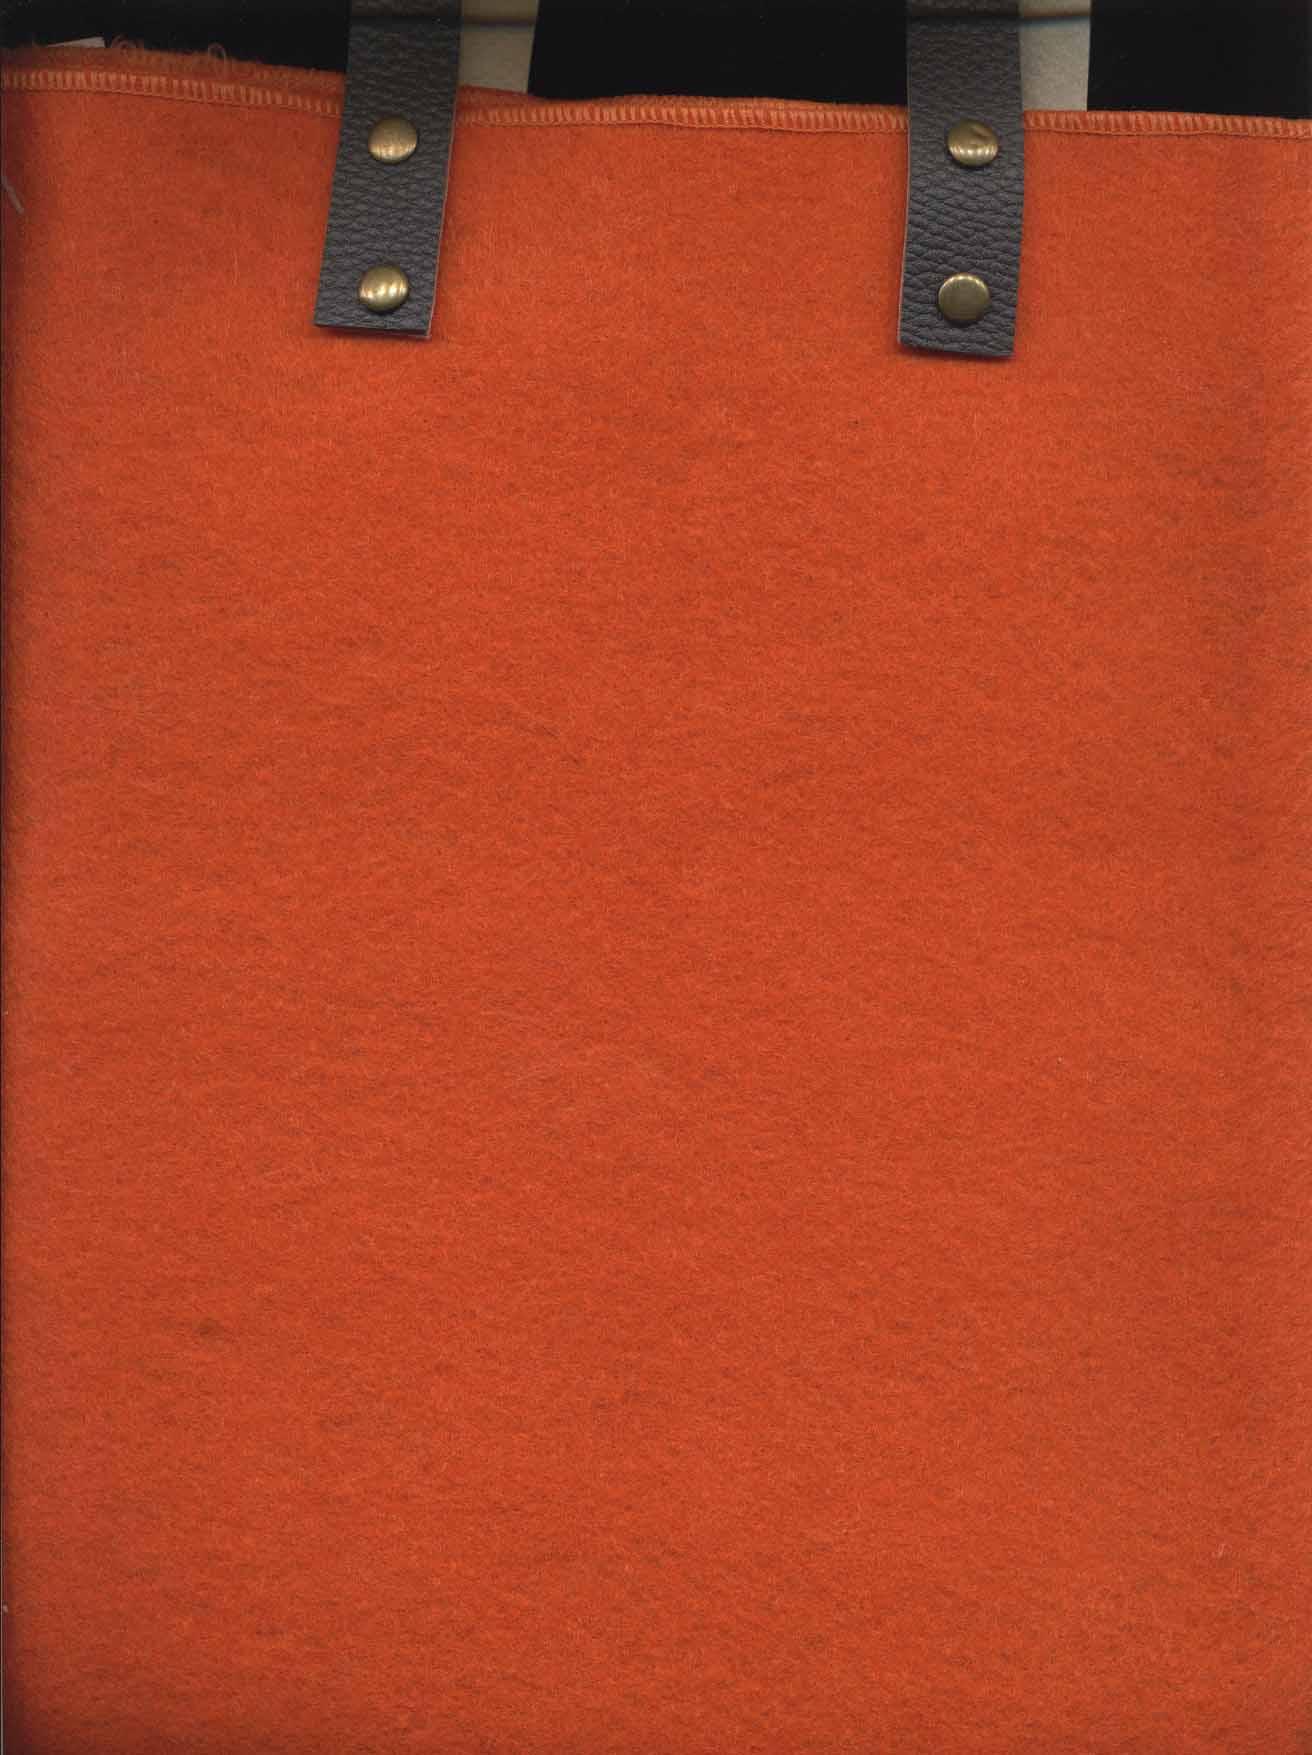 کیف خرید پارچه ای کوچک 30*26.5 (کد 147)